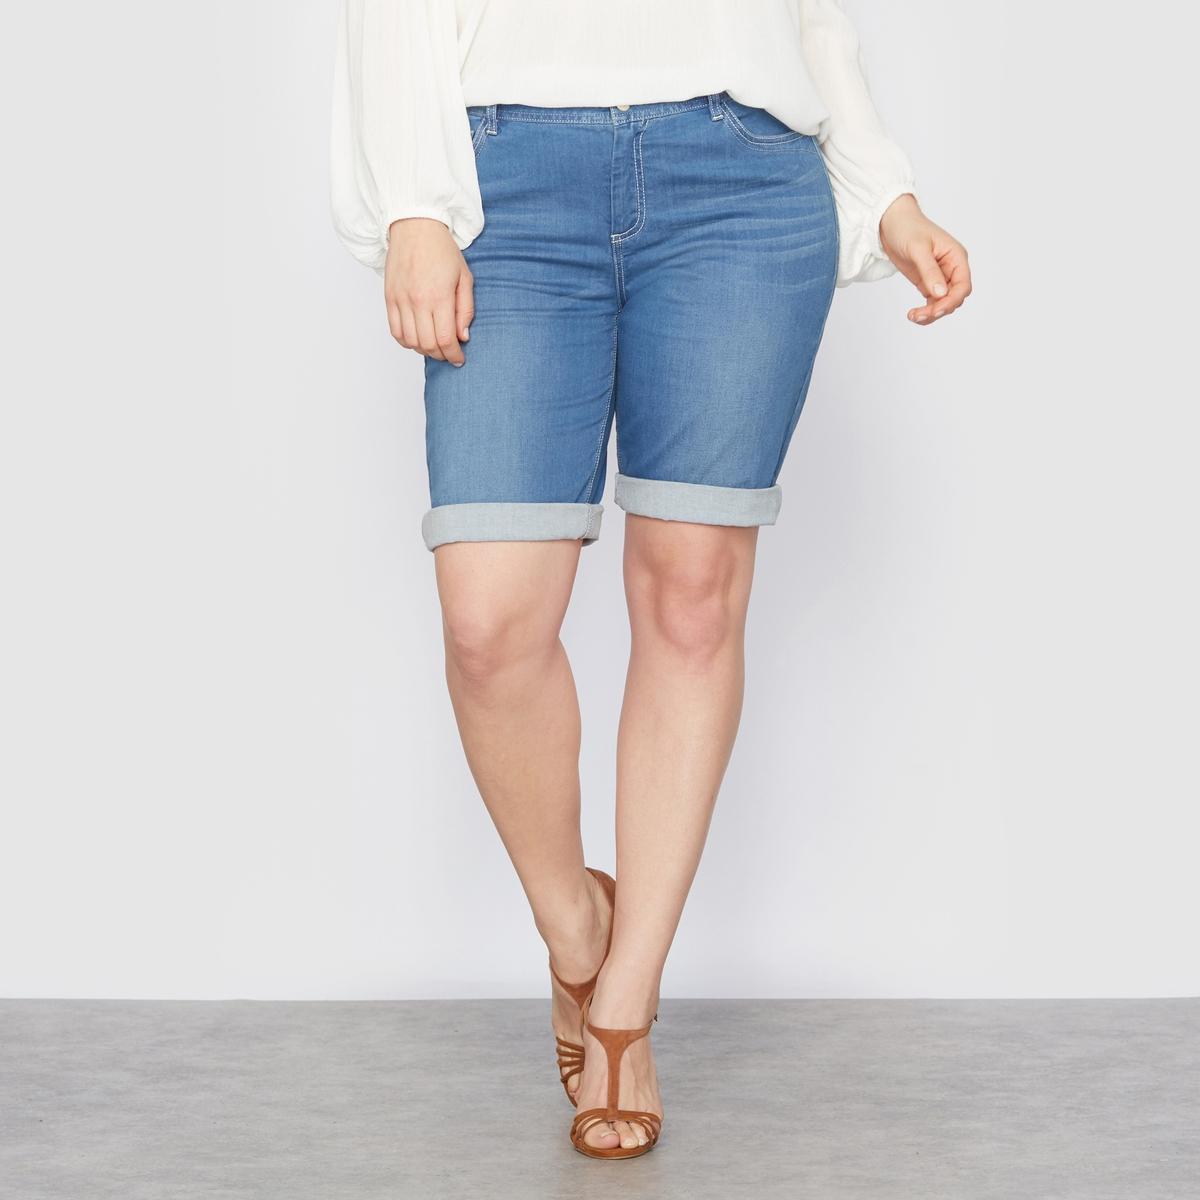 Бермуды из денимаДжинсовые бермуды. Незаменимая вещь в летнем гардеробе ! Длина идеально подходит женщинам с  формами. Отвороты по низу позволяют регулировать длину. Застежка на молнию и металлическую пуговицу. 5 карманов. Эластичный деним,  98% хлопка, 2% эластана. Длина по внутреннему шву 36 см.<br><br>Цвет: голубой потертый